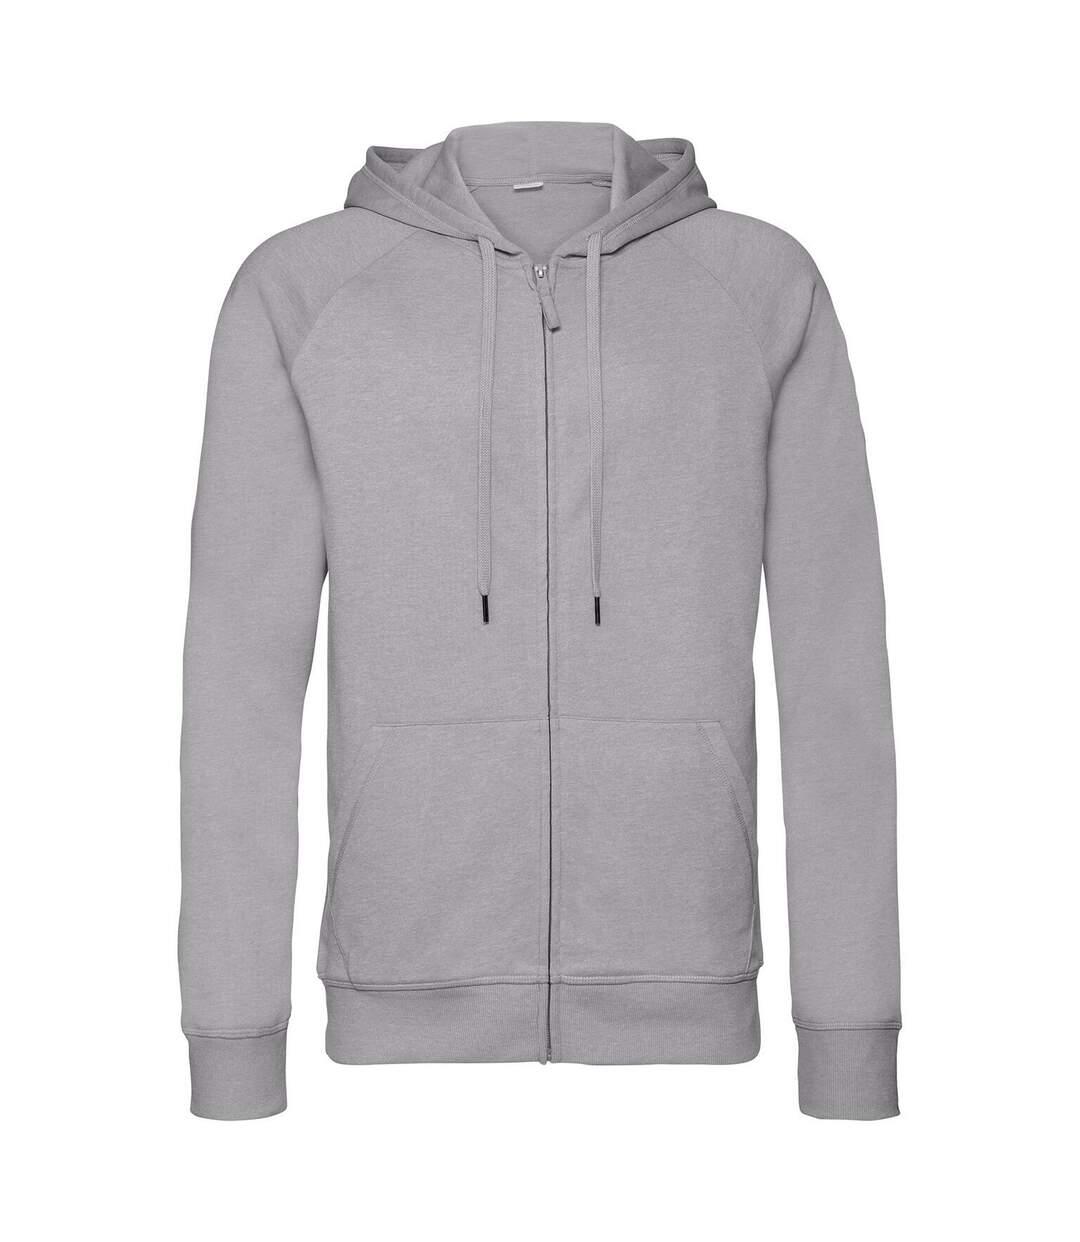 Russell Mens HD Zip Hooded Sweatshirt (Grey Marl) - UTPC3136